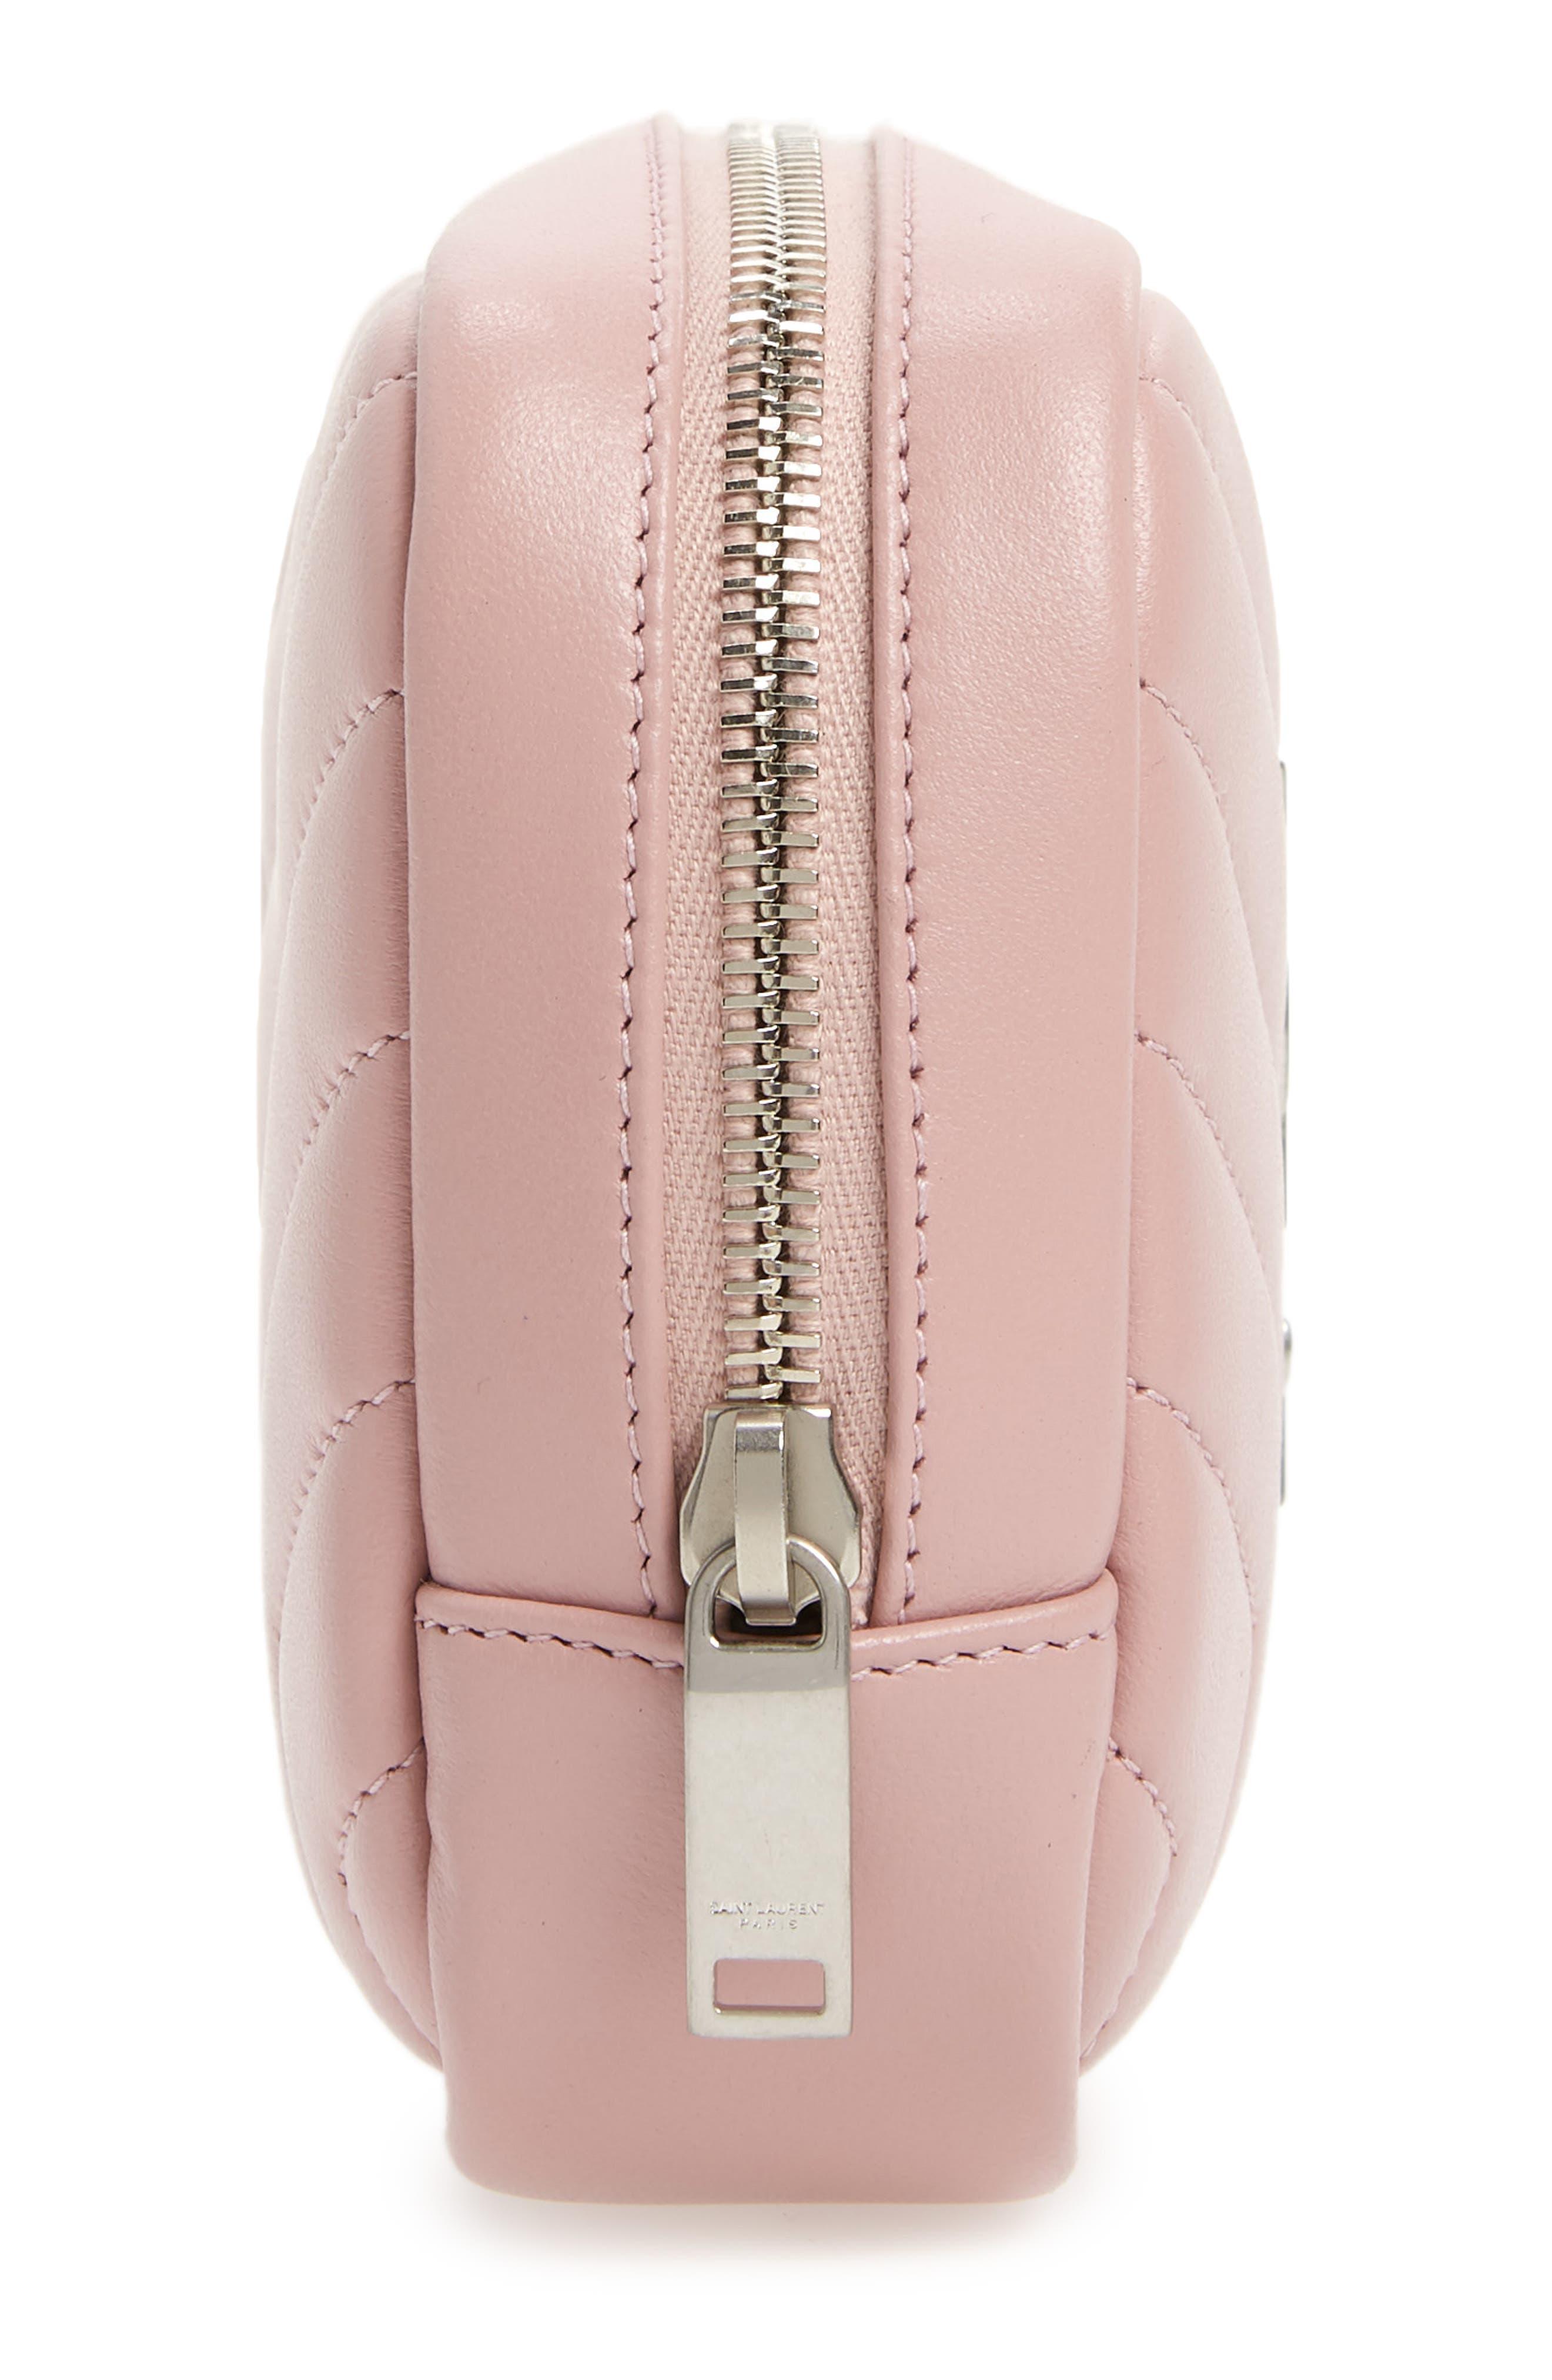 SAINT LAURENT, Loulou Matelassé Leather Cosmetics Bag, Alternate thumbnail 4, color, TENDER PINK